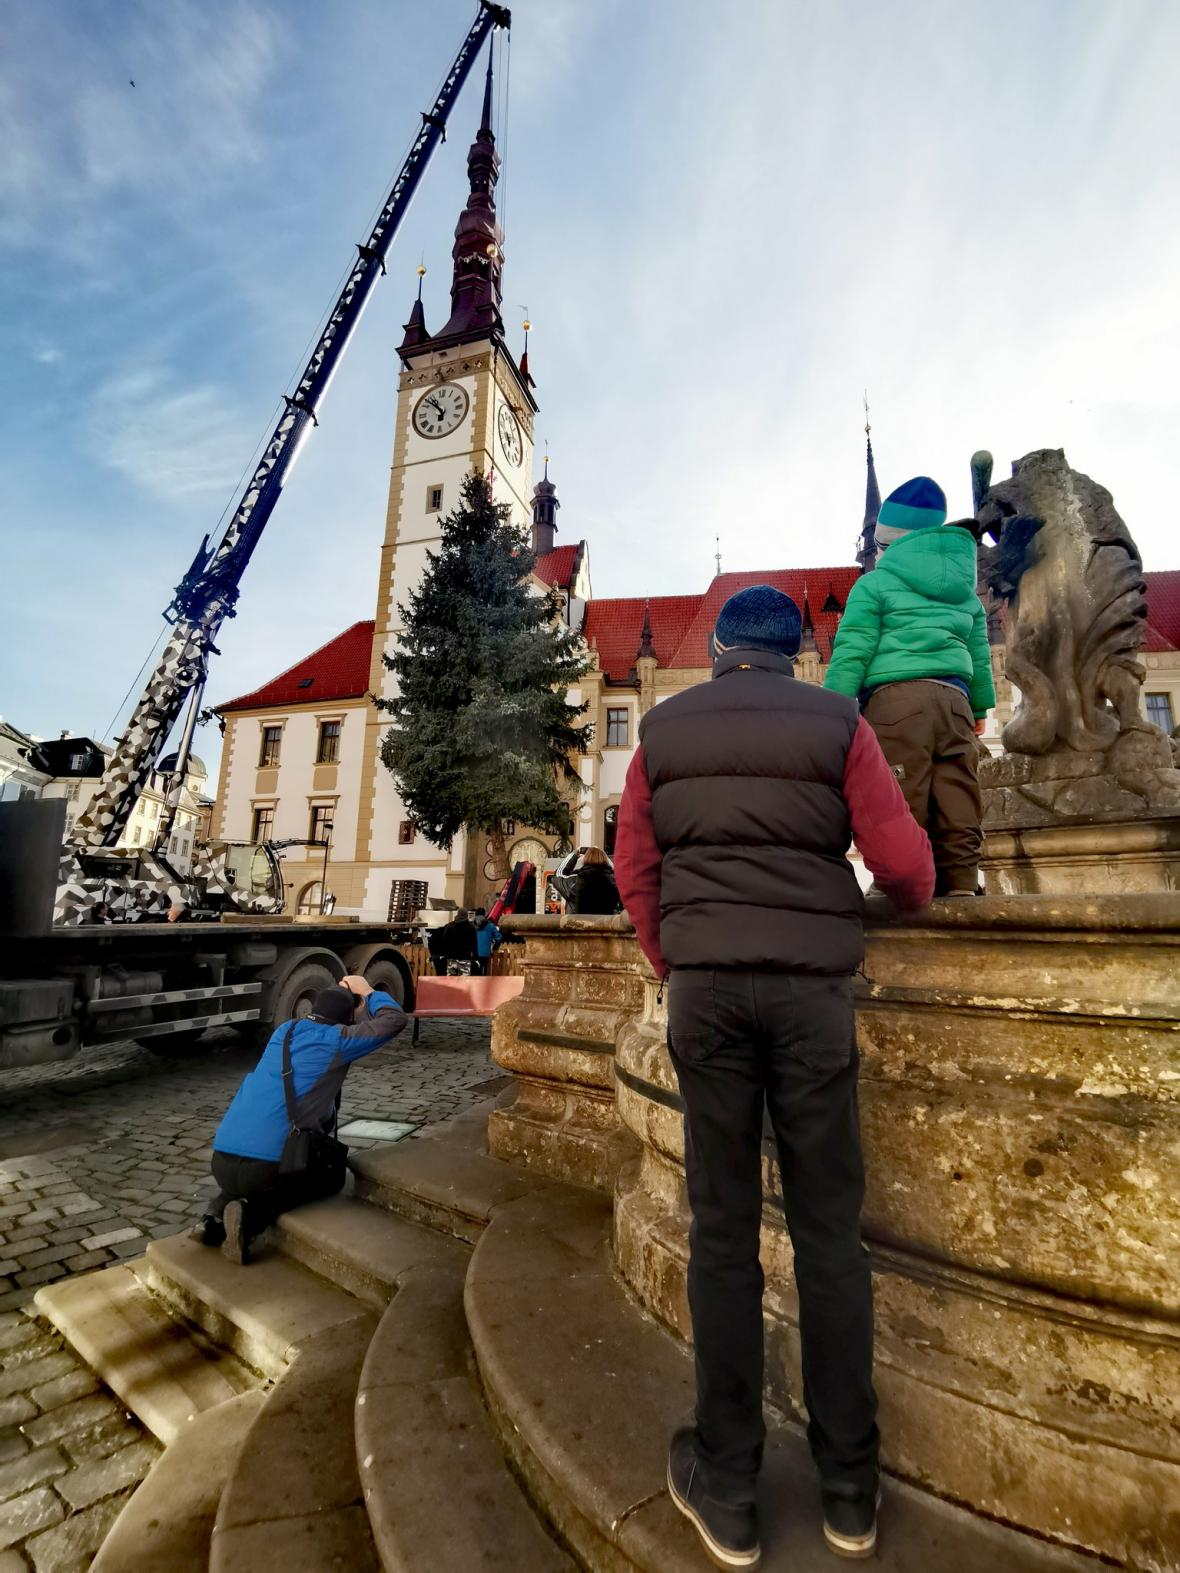 Instalace vánočního stromu na olomouckém Horním náměstí